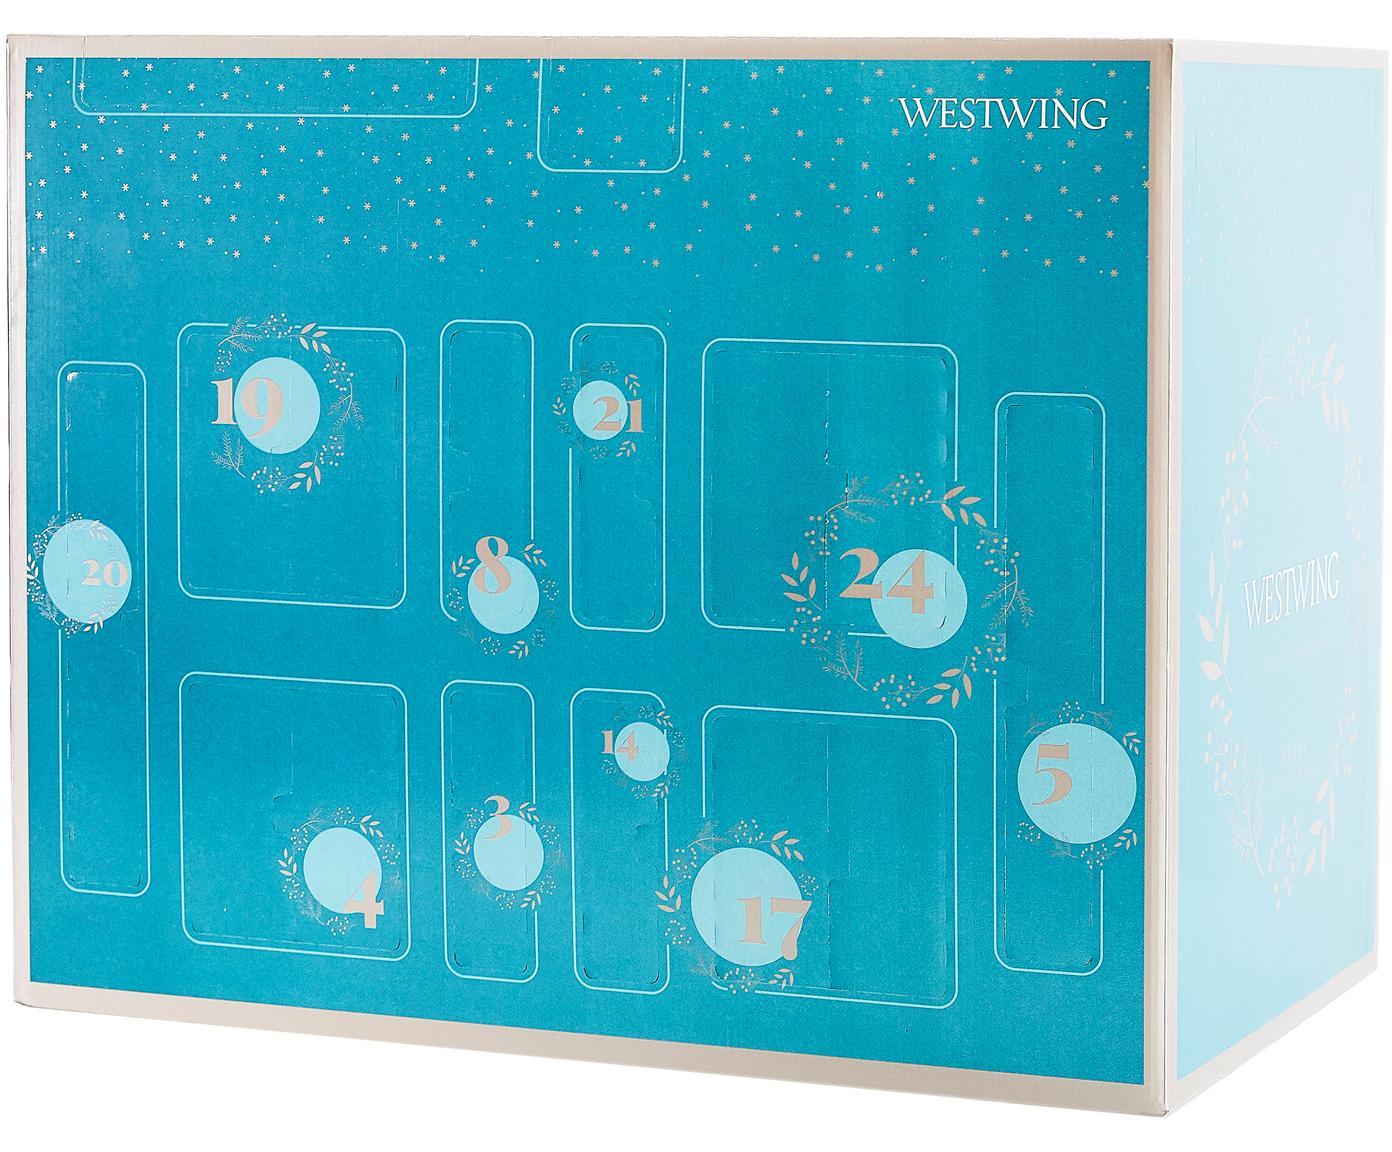 Kalendarz adwentowy Westwing, Turkusowy, S 57 x W 47 cm